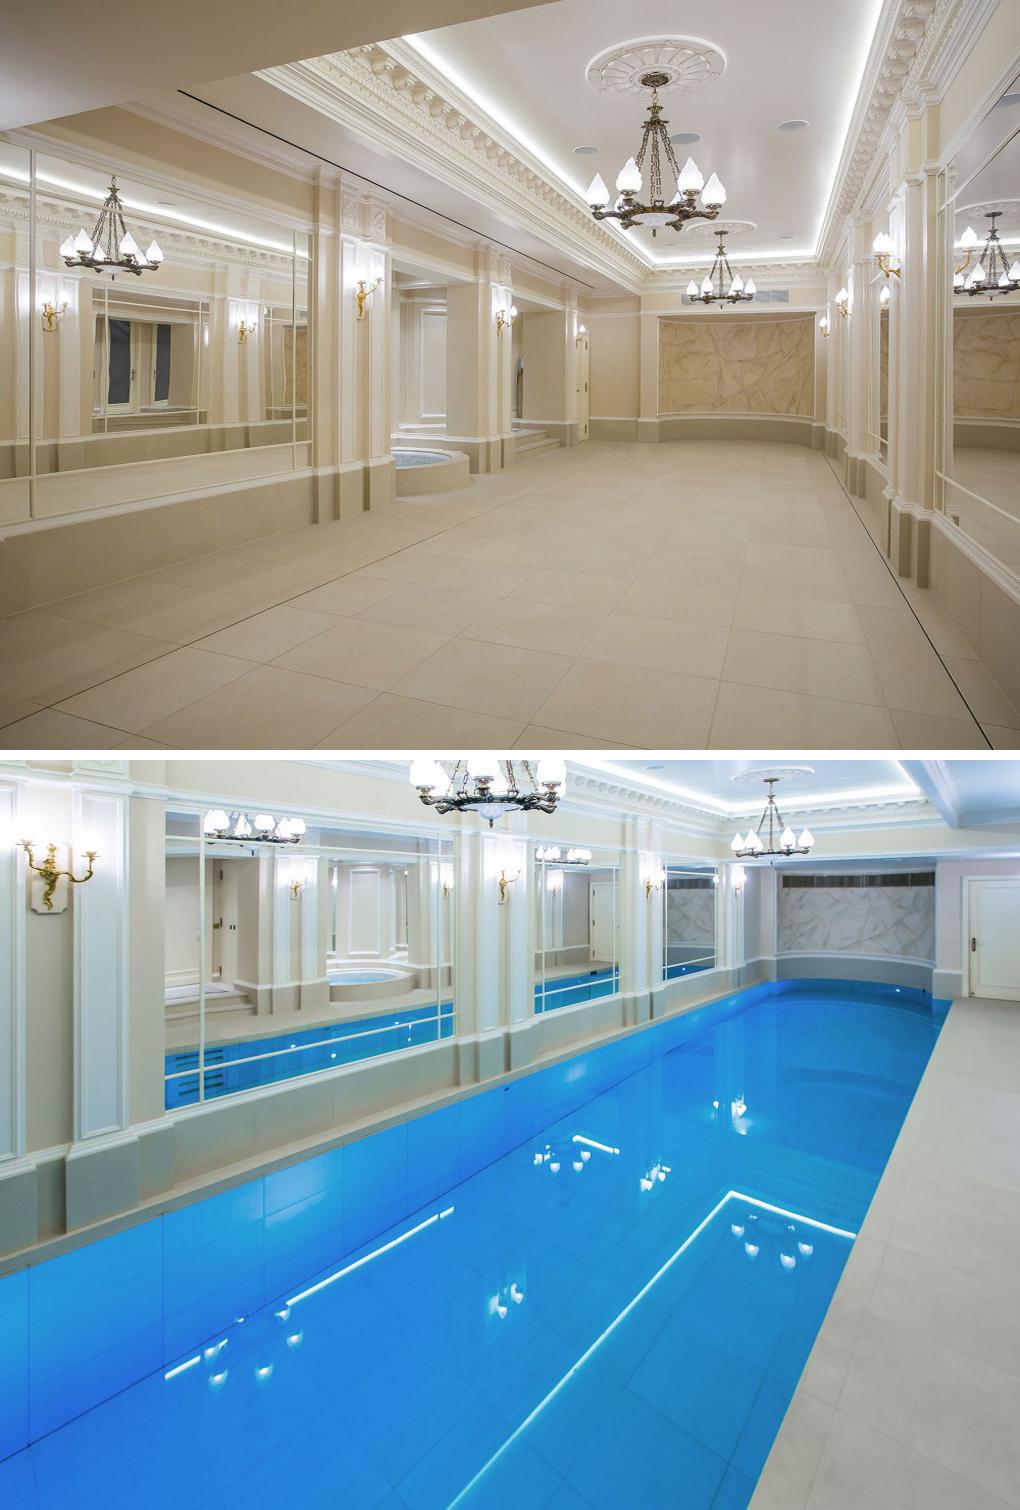 ยกพื้นสระว่ายน้ำให้กลายเป็นพื้นเรียบๆ